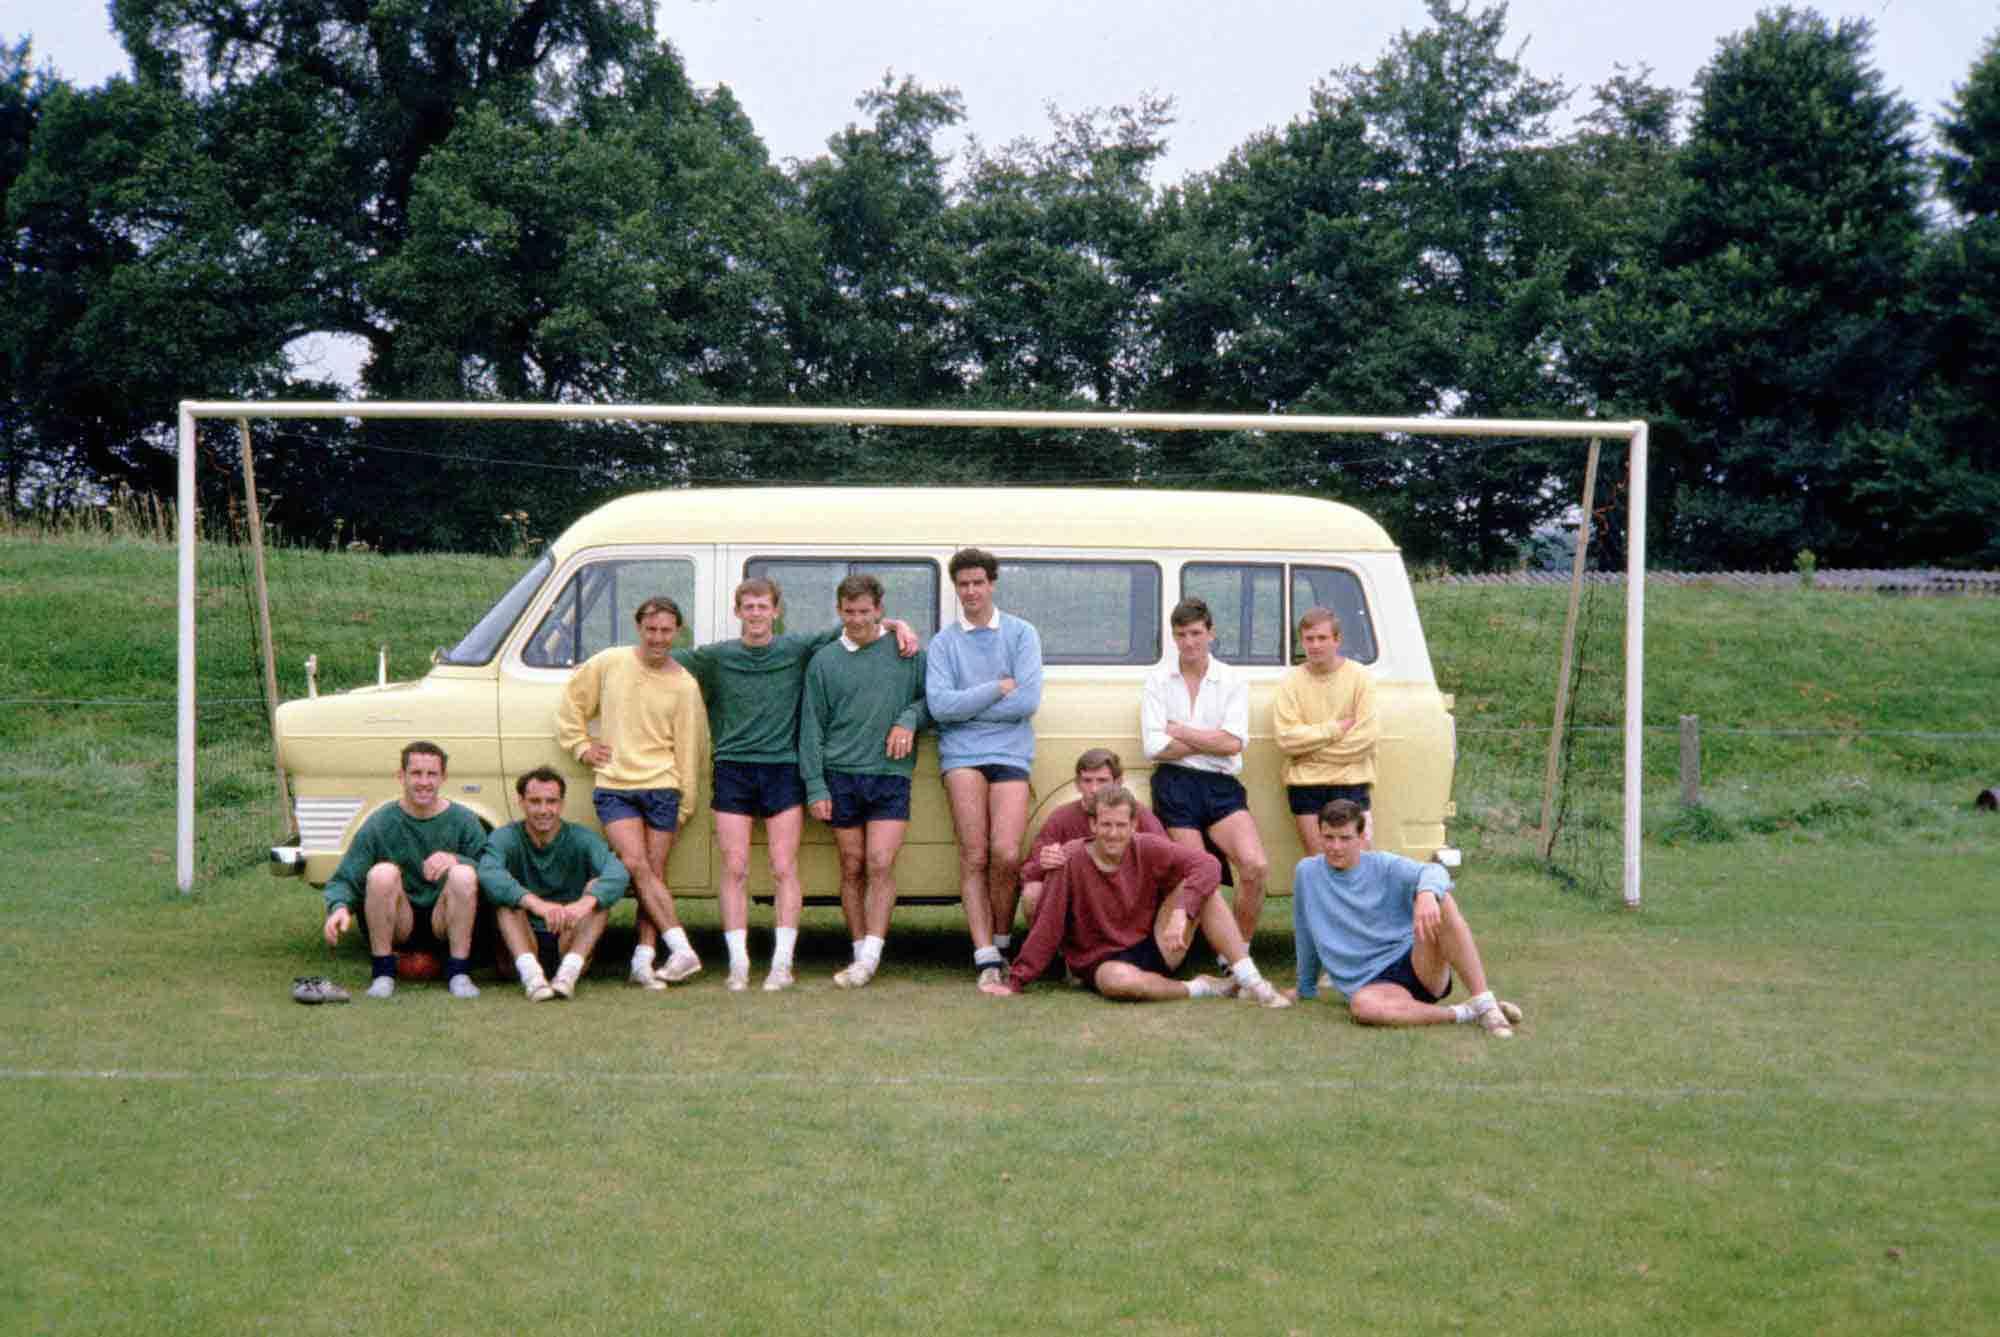 Fussball-Millionarios reisten auch mal anders. FC Tottenham in den Sechzigerjahren mit Teambus.